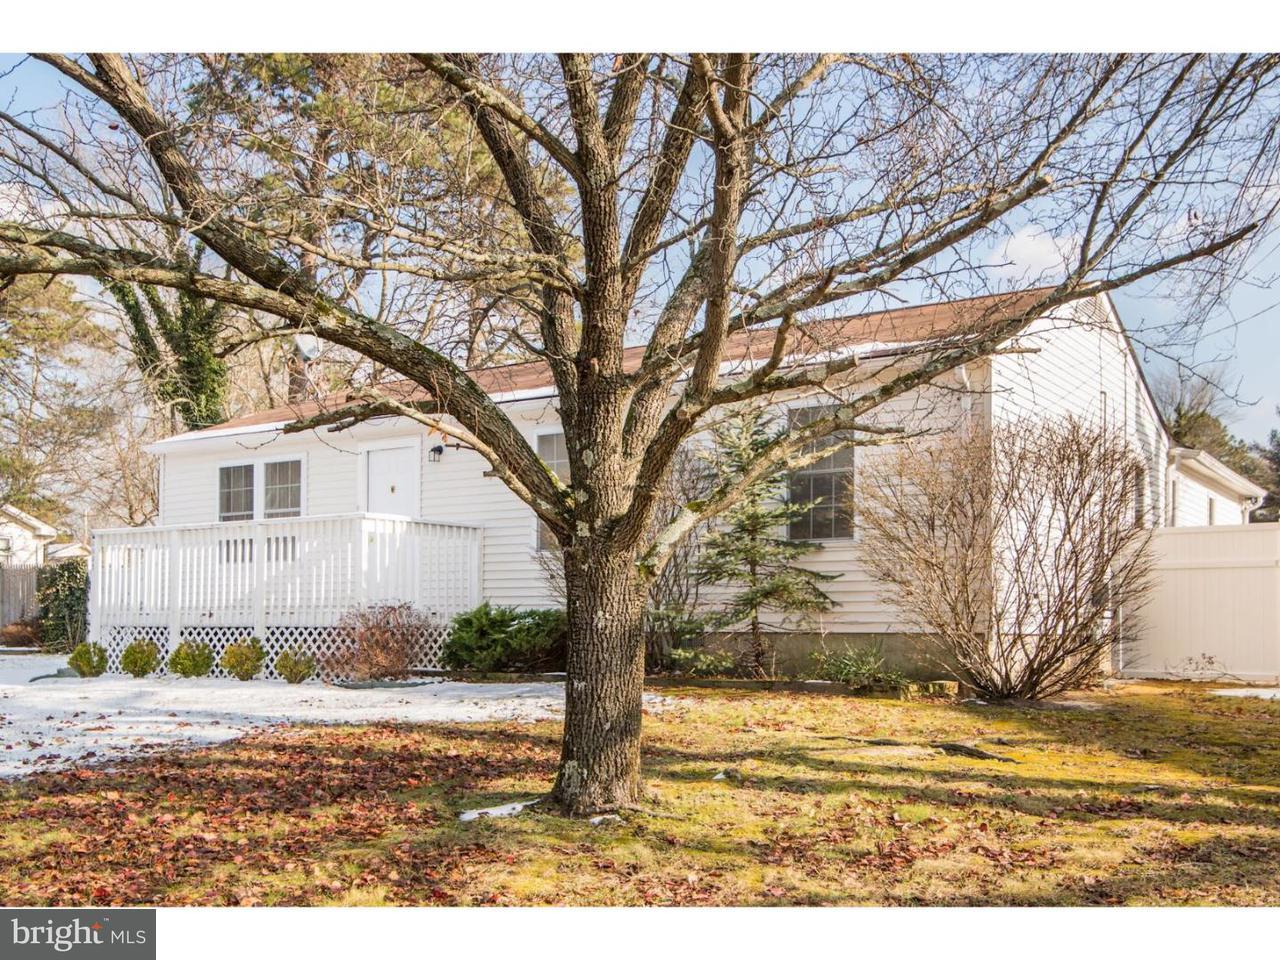 Casa Unifamiliar por un Alquiler en 5932 CLOVERLEAF Drive Mays Landing, Nueva Jersey 08330 Estados UnidosEn/Alrededor: Hamilton Township